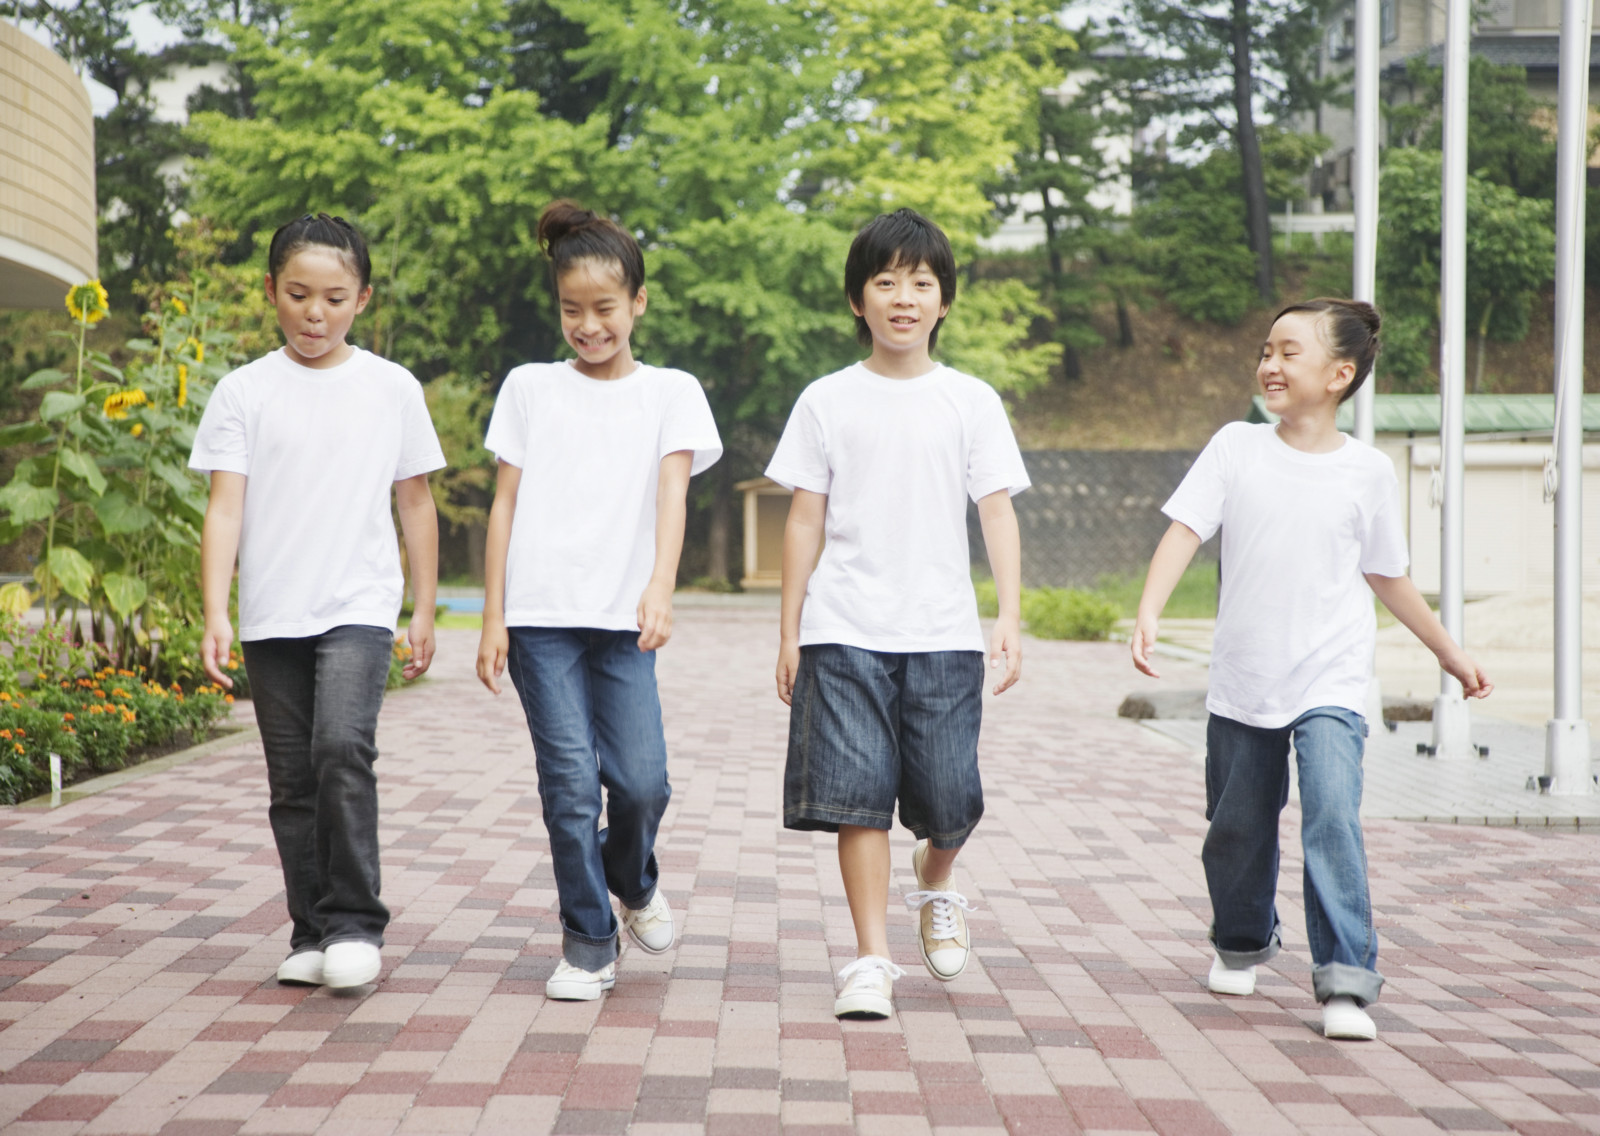 在学校操场上开心玩耍的小学生人物图片素材(51p)[网